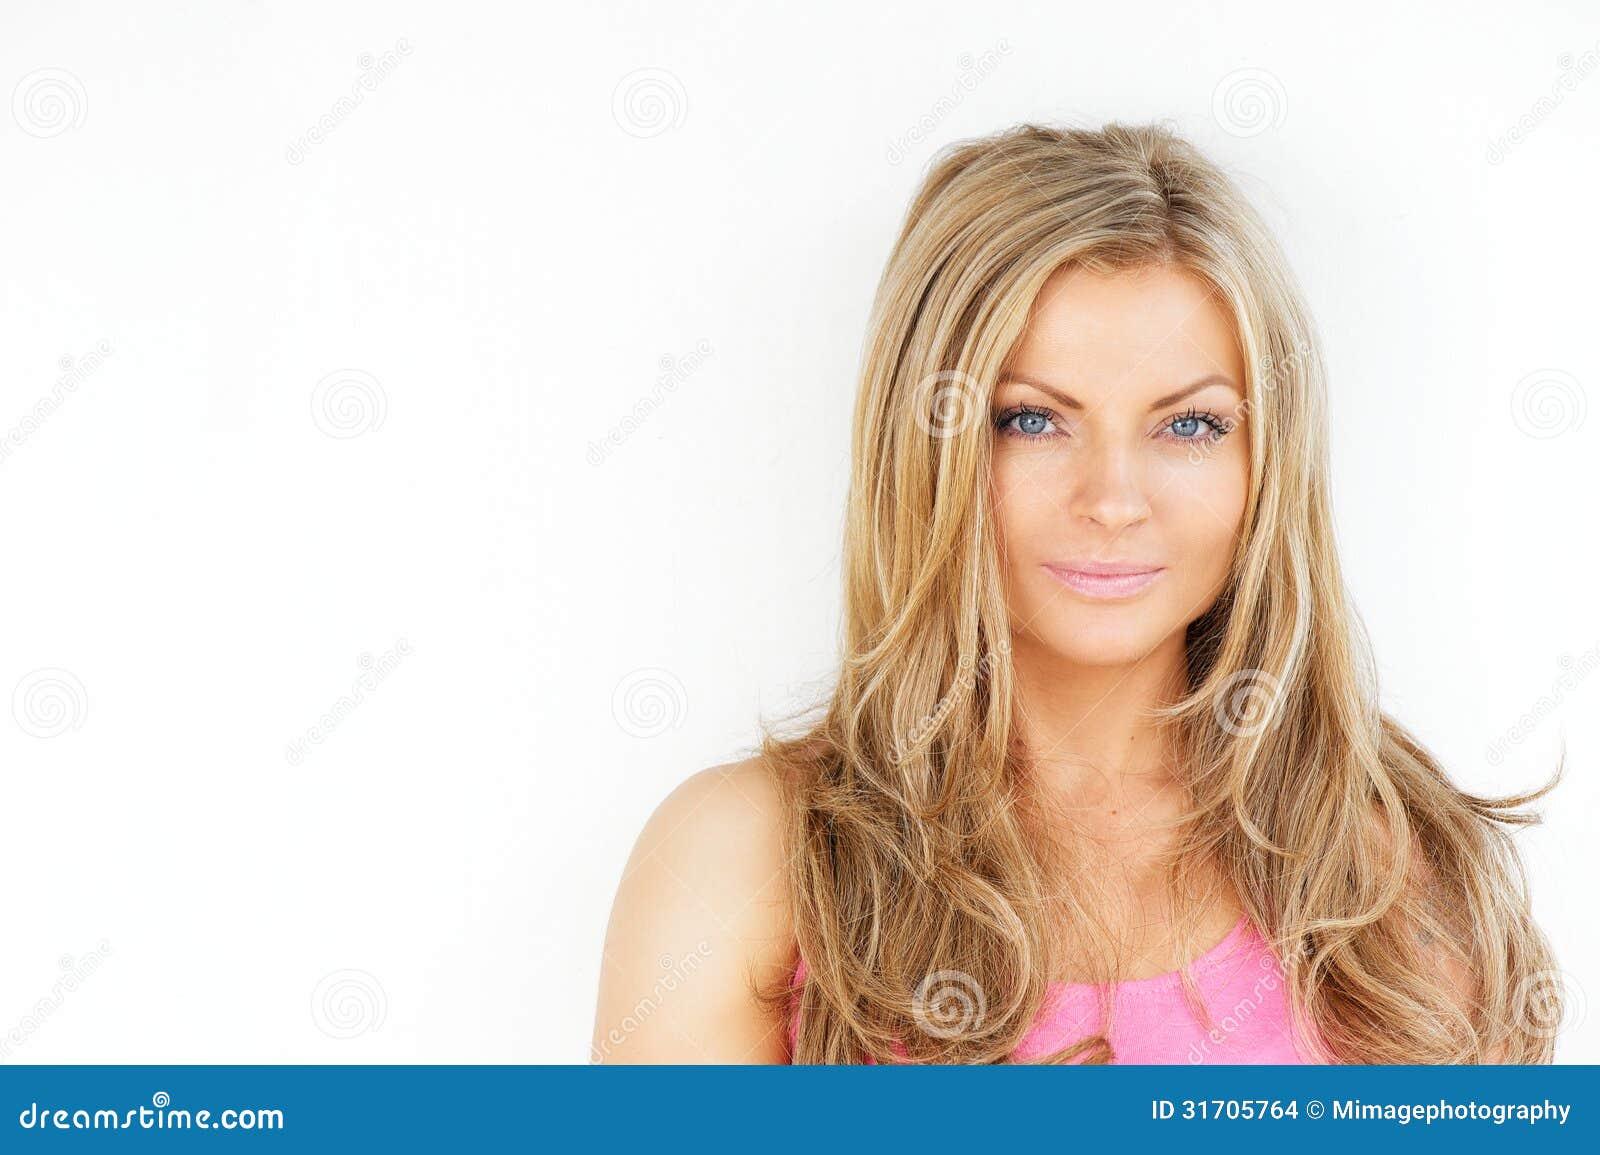 Weibliche Schönheit Mit Dem Blonden Haar Und Den Blauen Augen